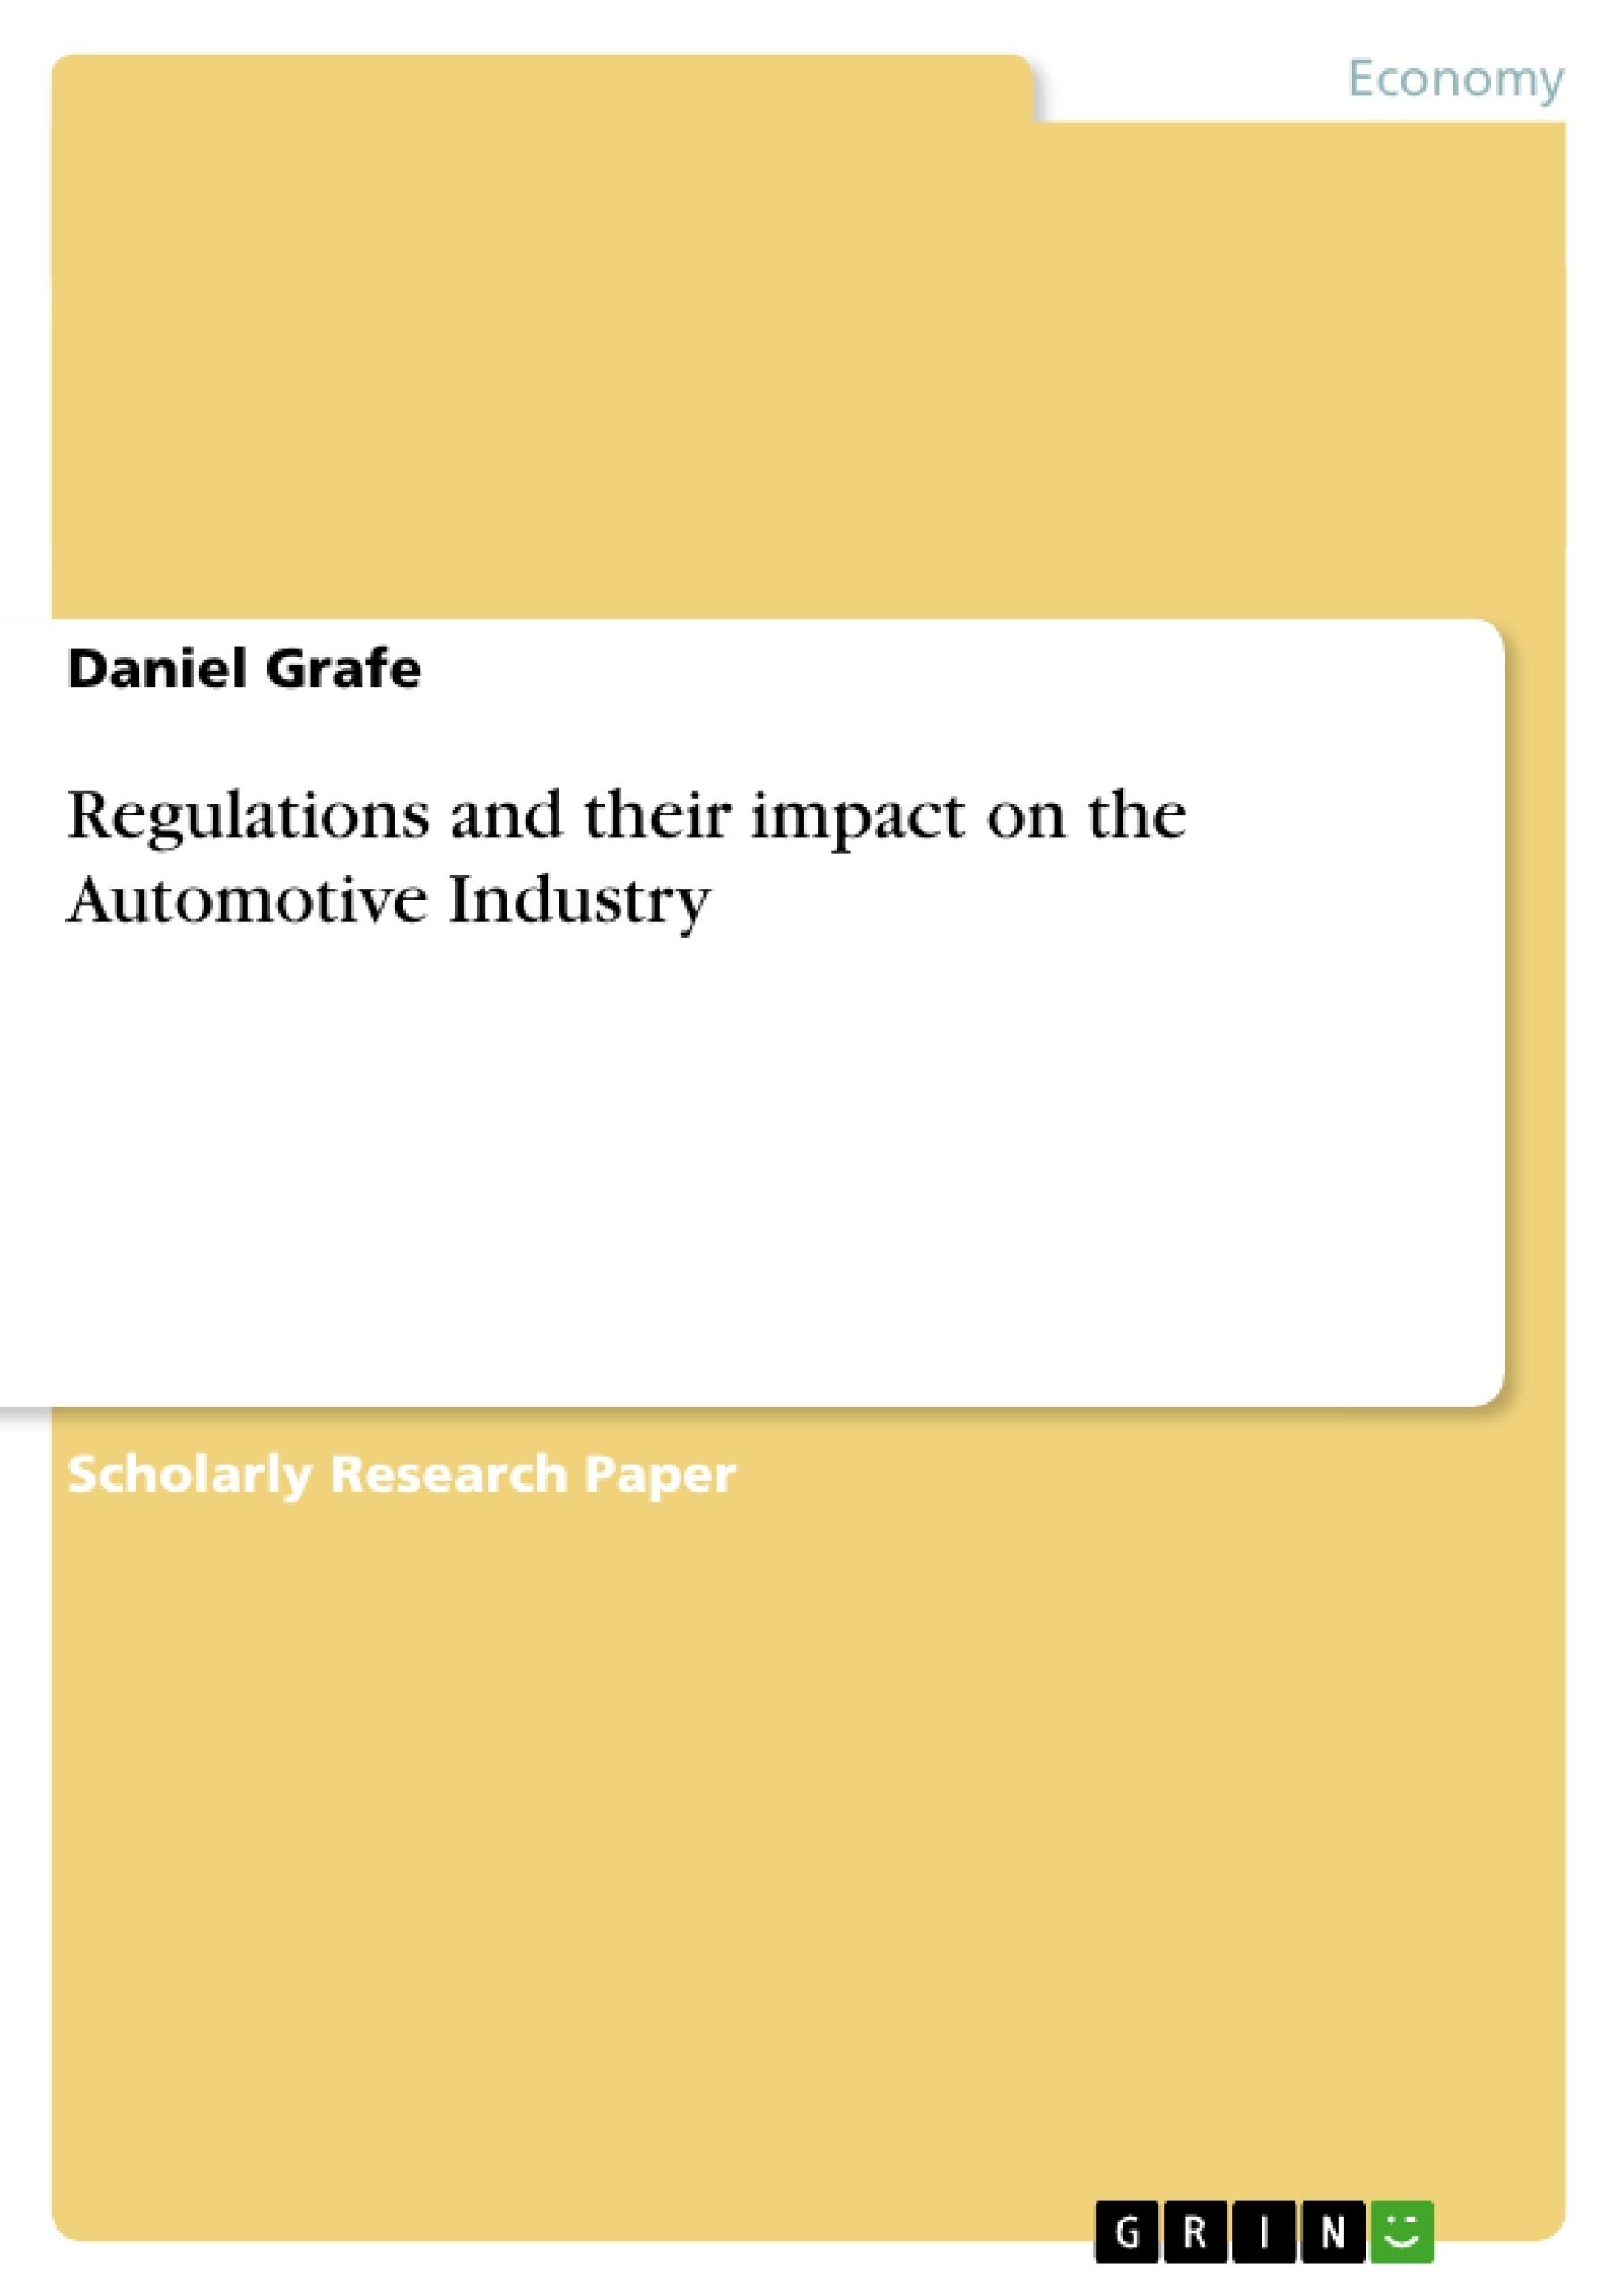 текст oil and gas 2007 формат pdf скачать для диплома